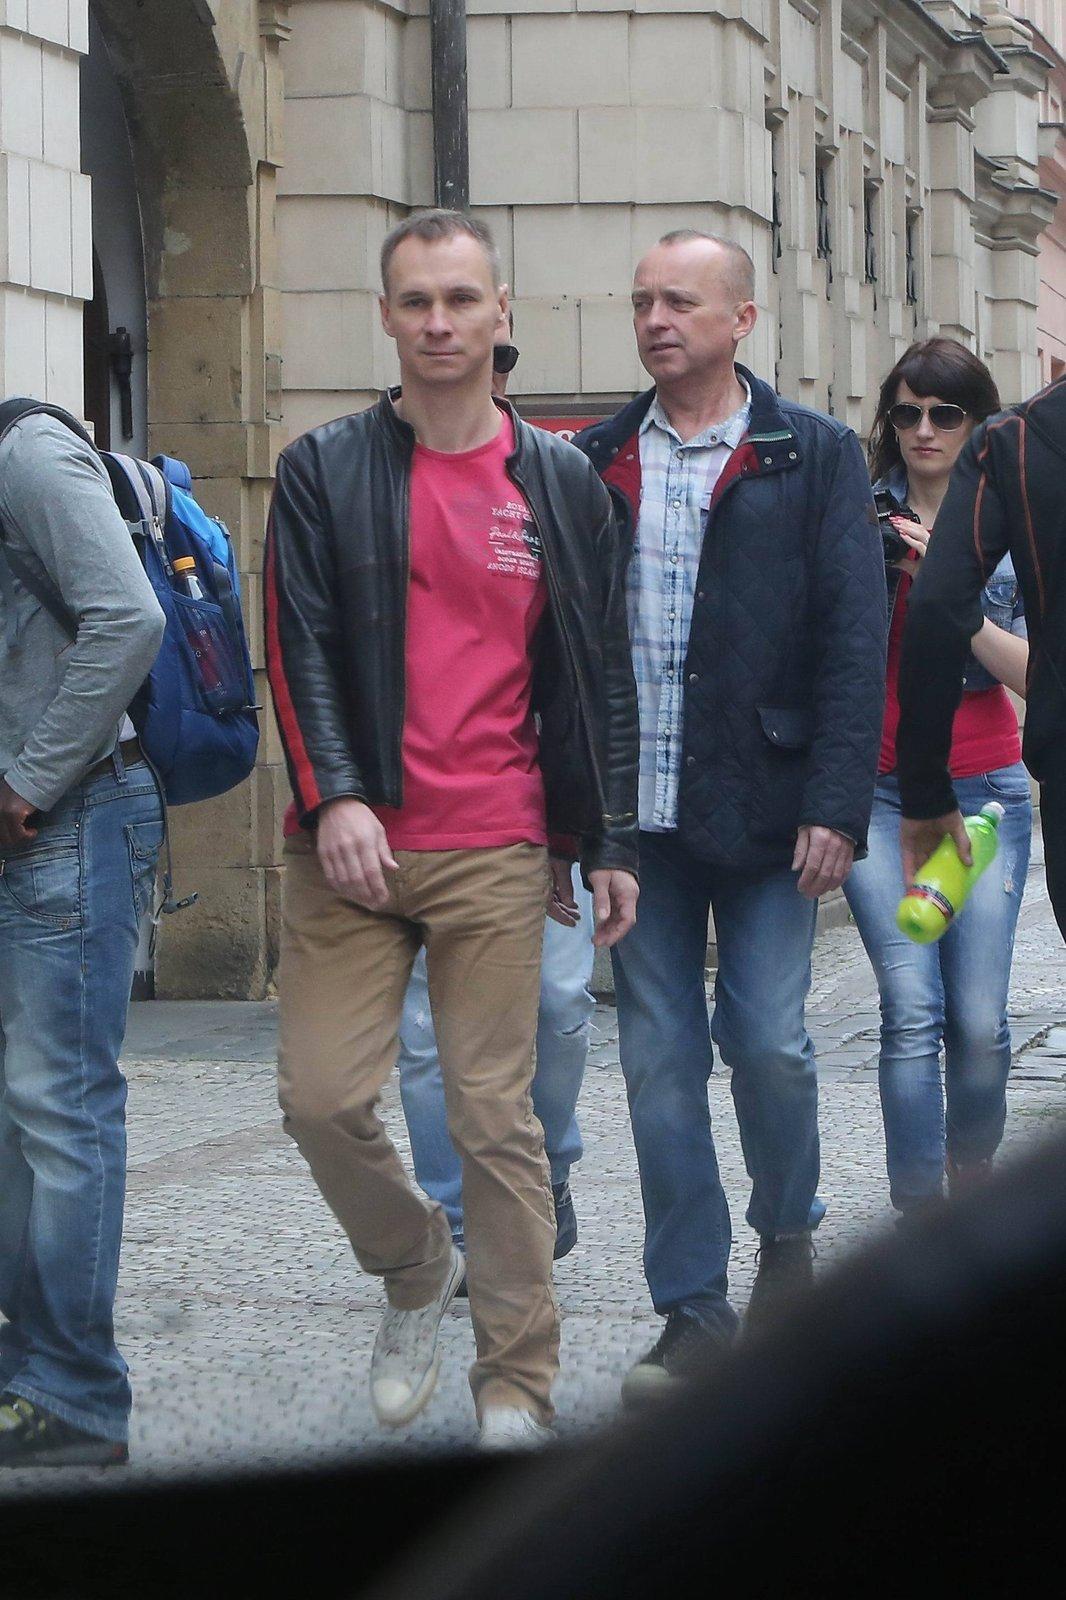 2015: Pohotový fotograf zastihl Voříška a Řepku na společné procházce Prahou.